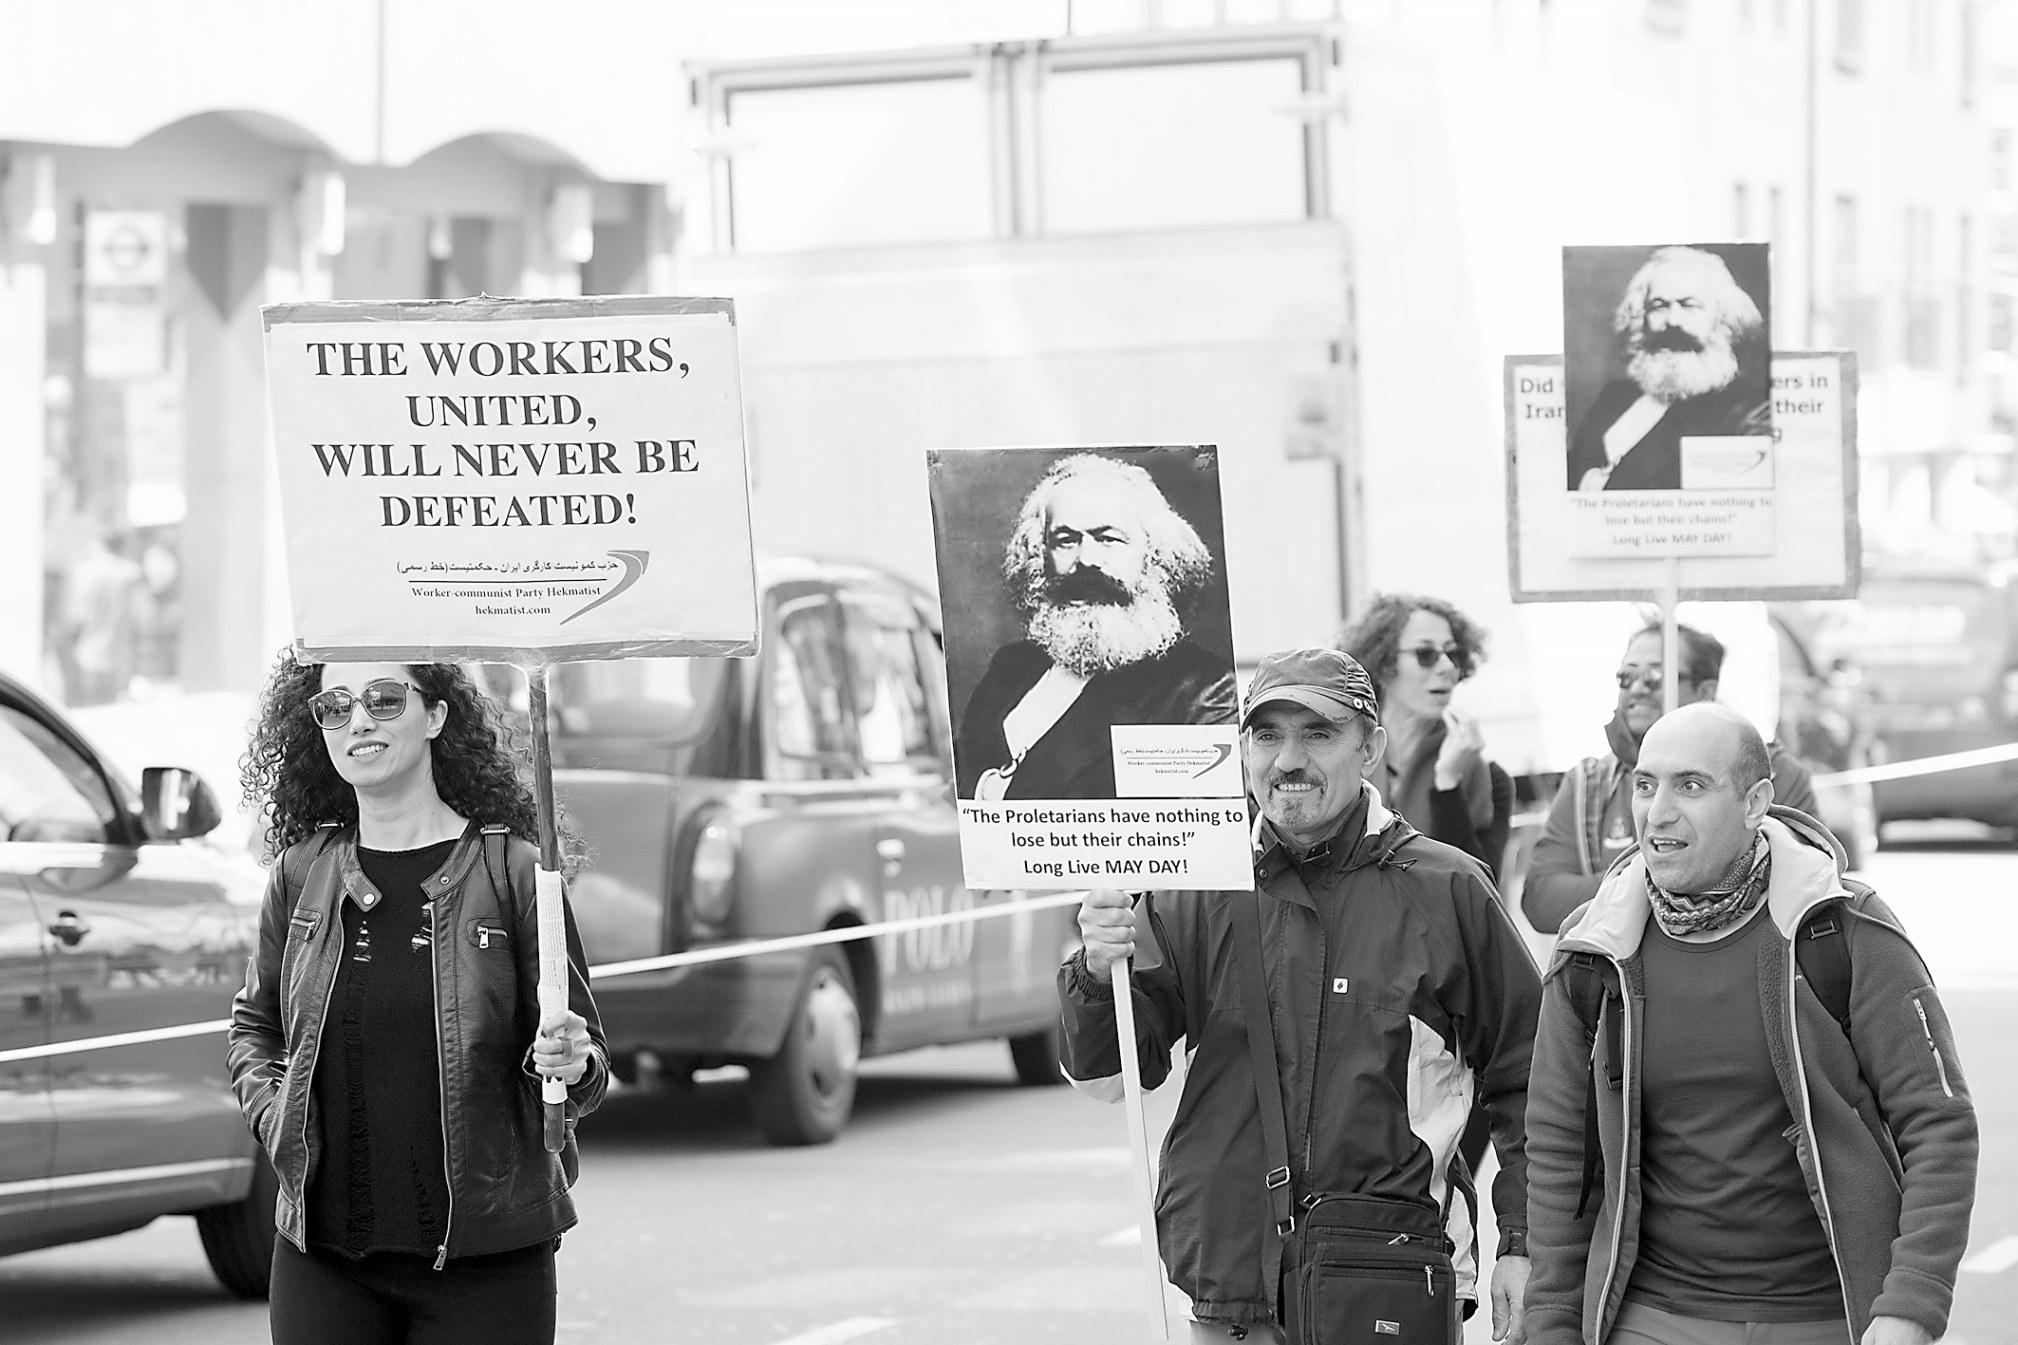 全球纪念伟人诞辰两百周年,西方反思资本主义发展局限